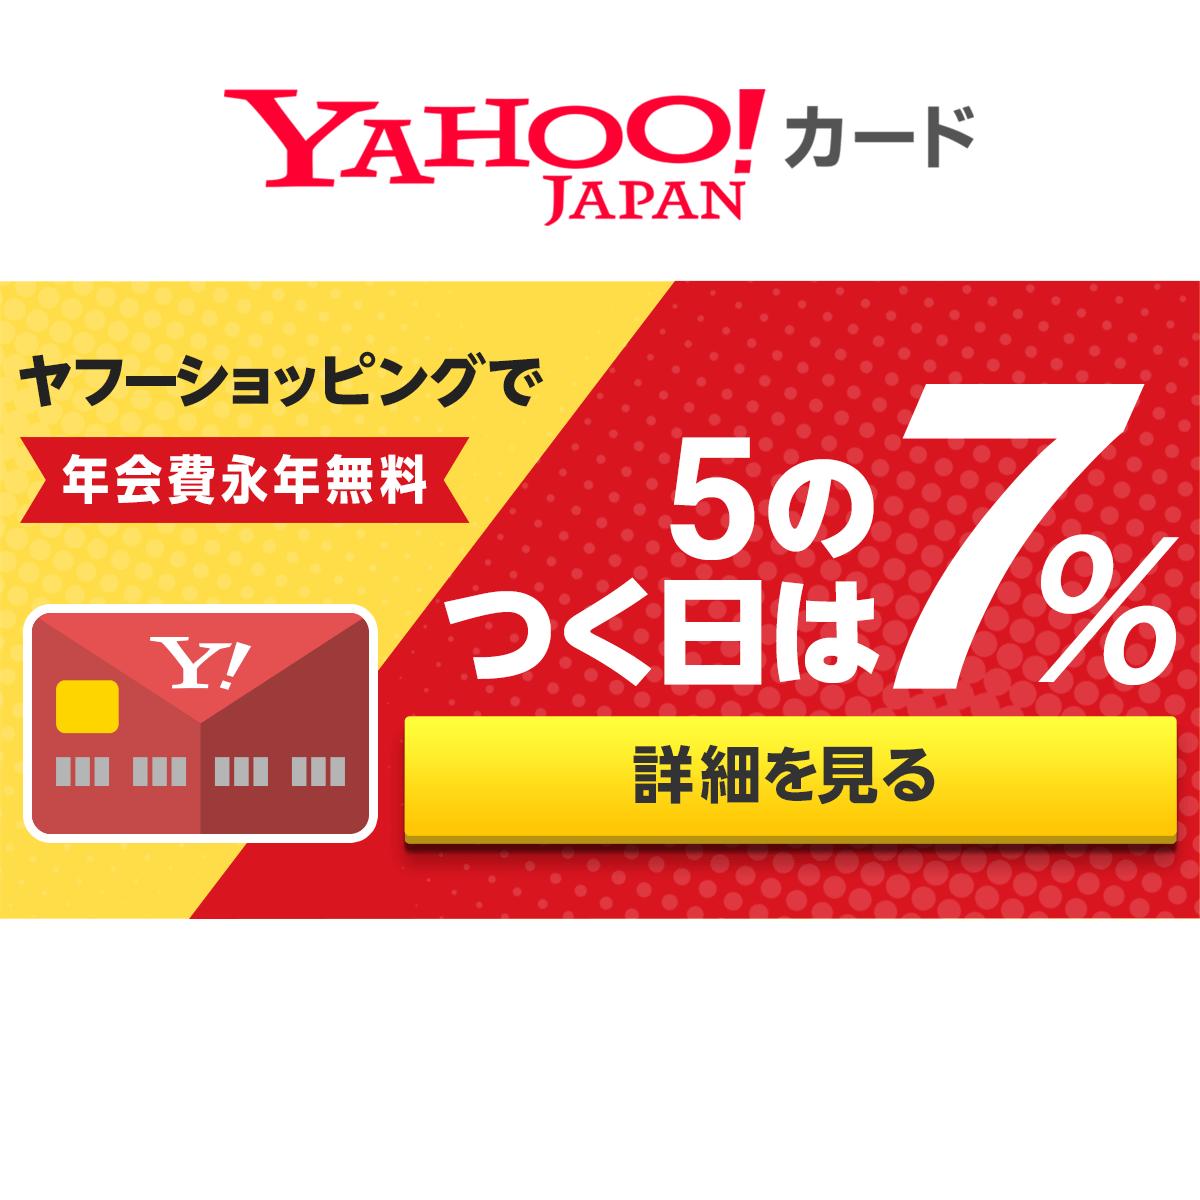 ログイン yahoo カード